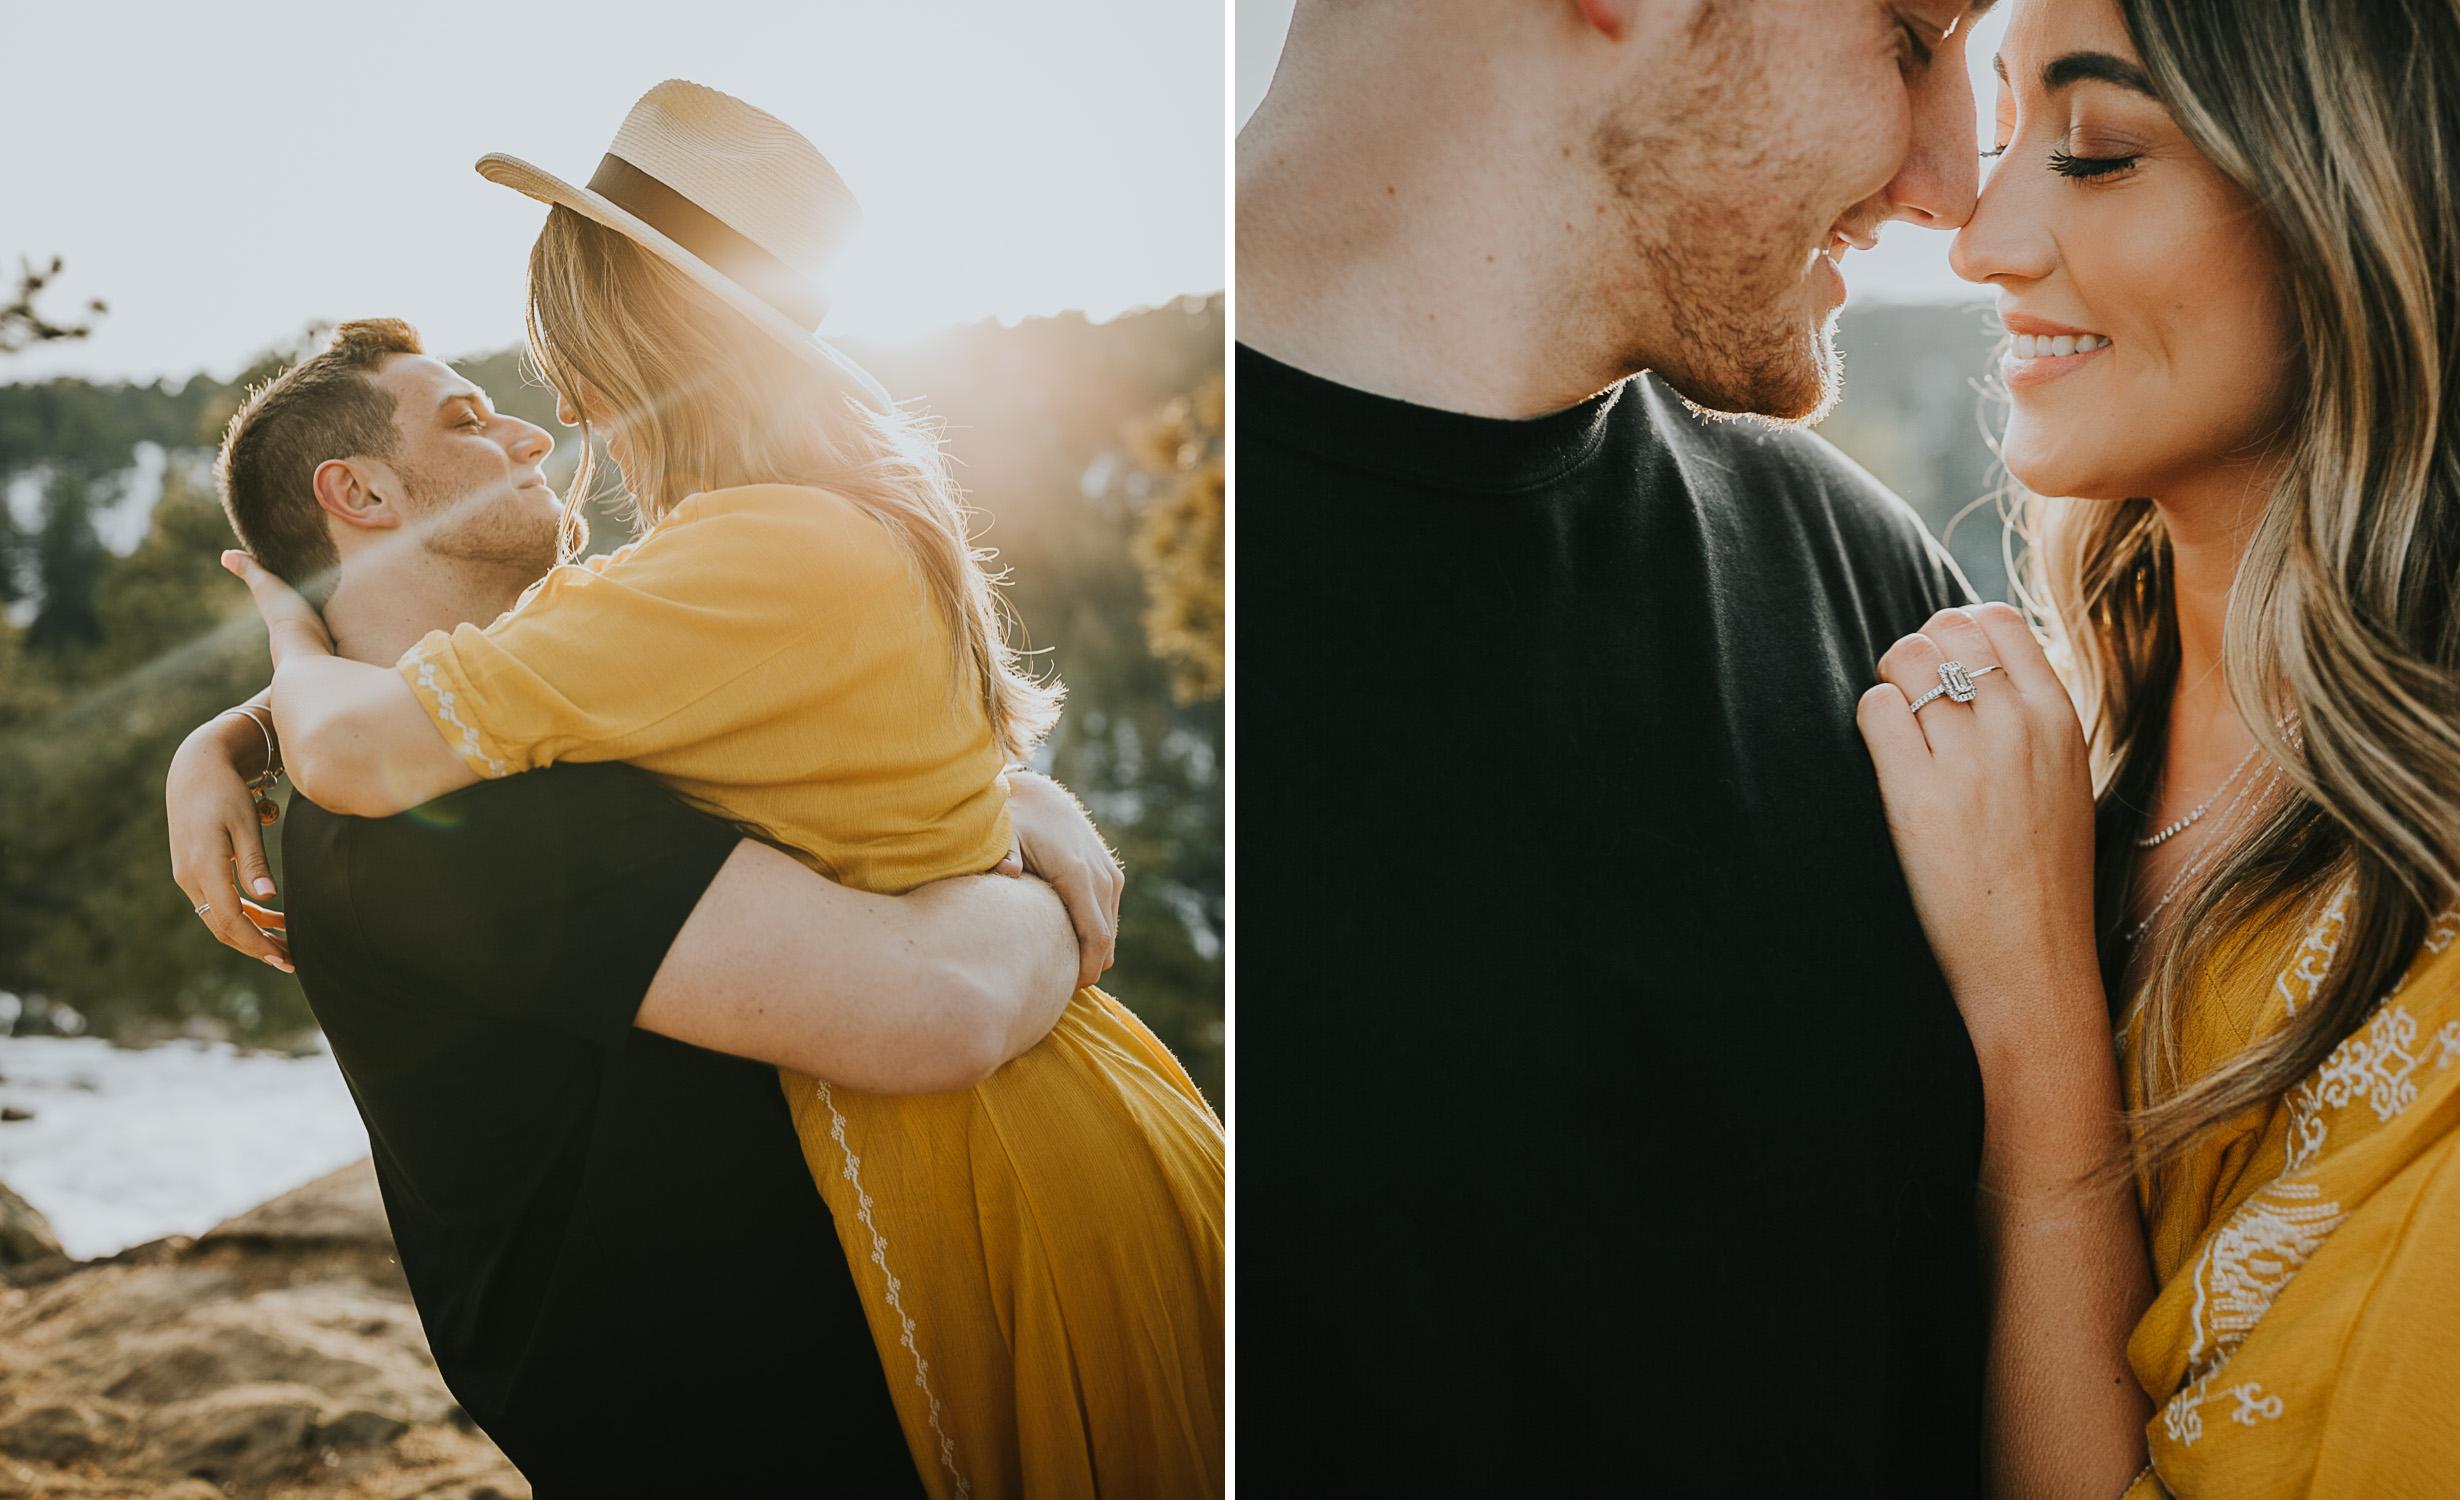 Lookout Mountain Park Denver Colorado Engagement Photographer 11.jpg